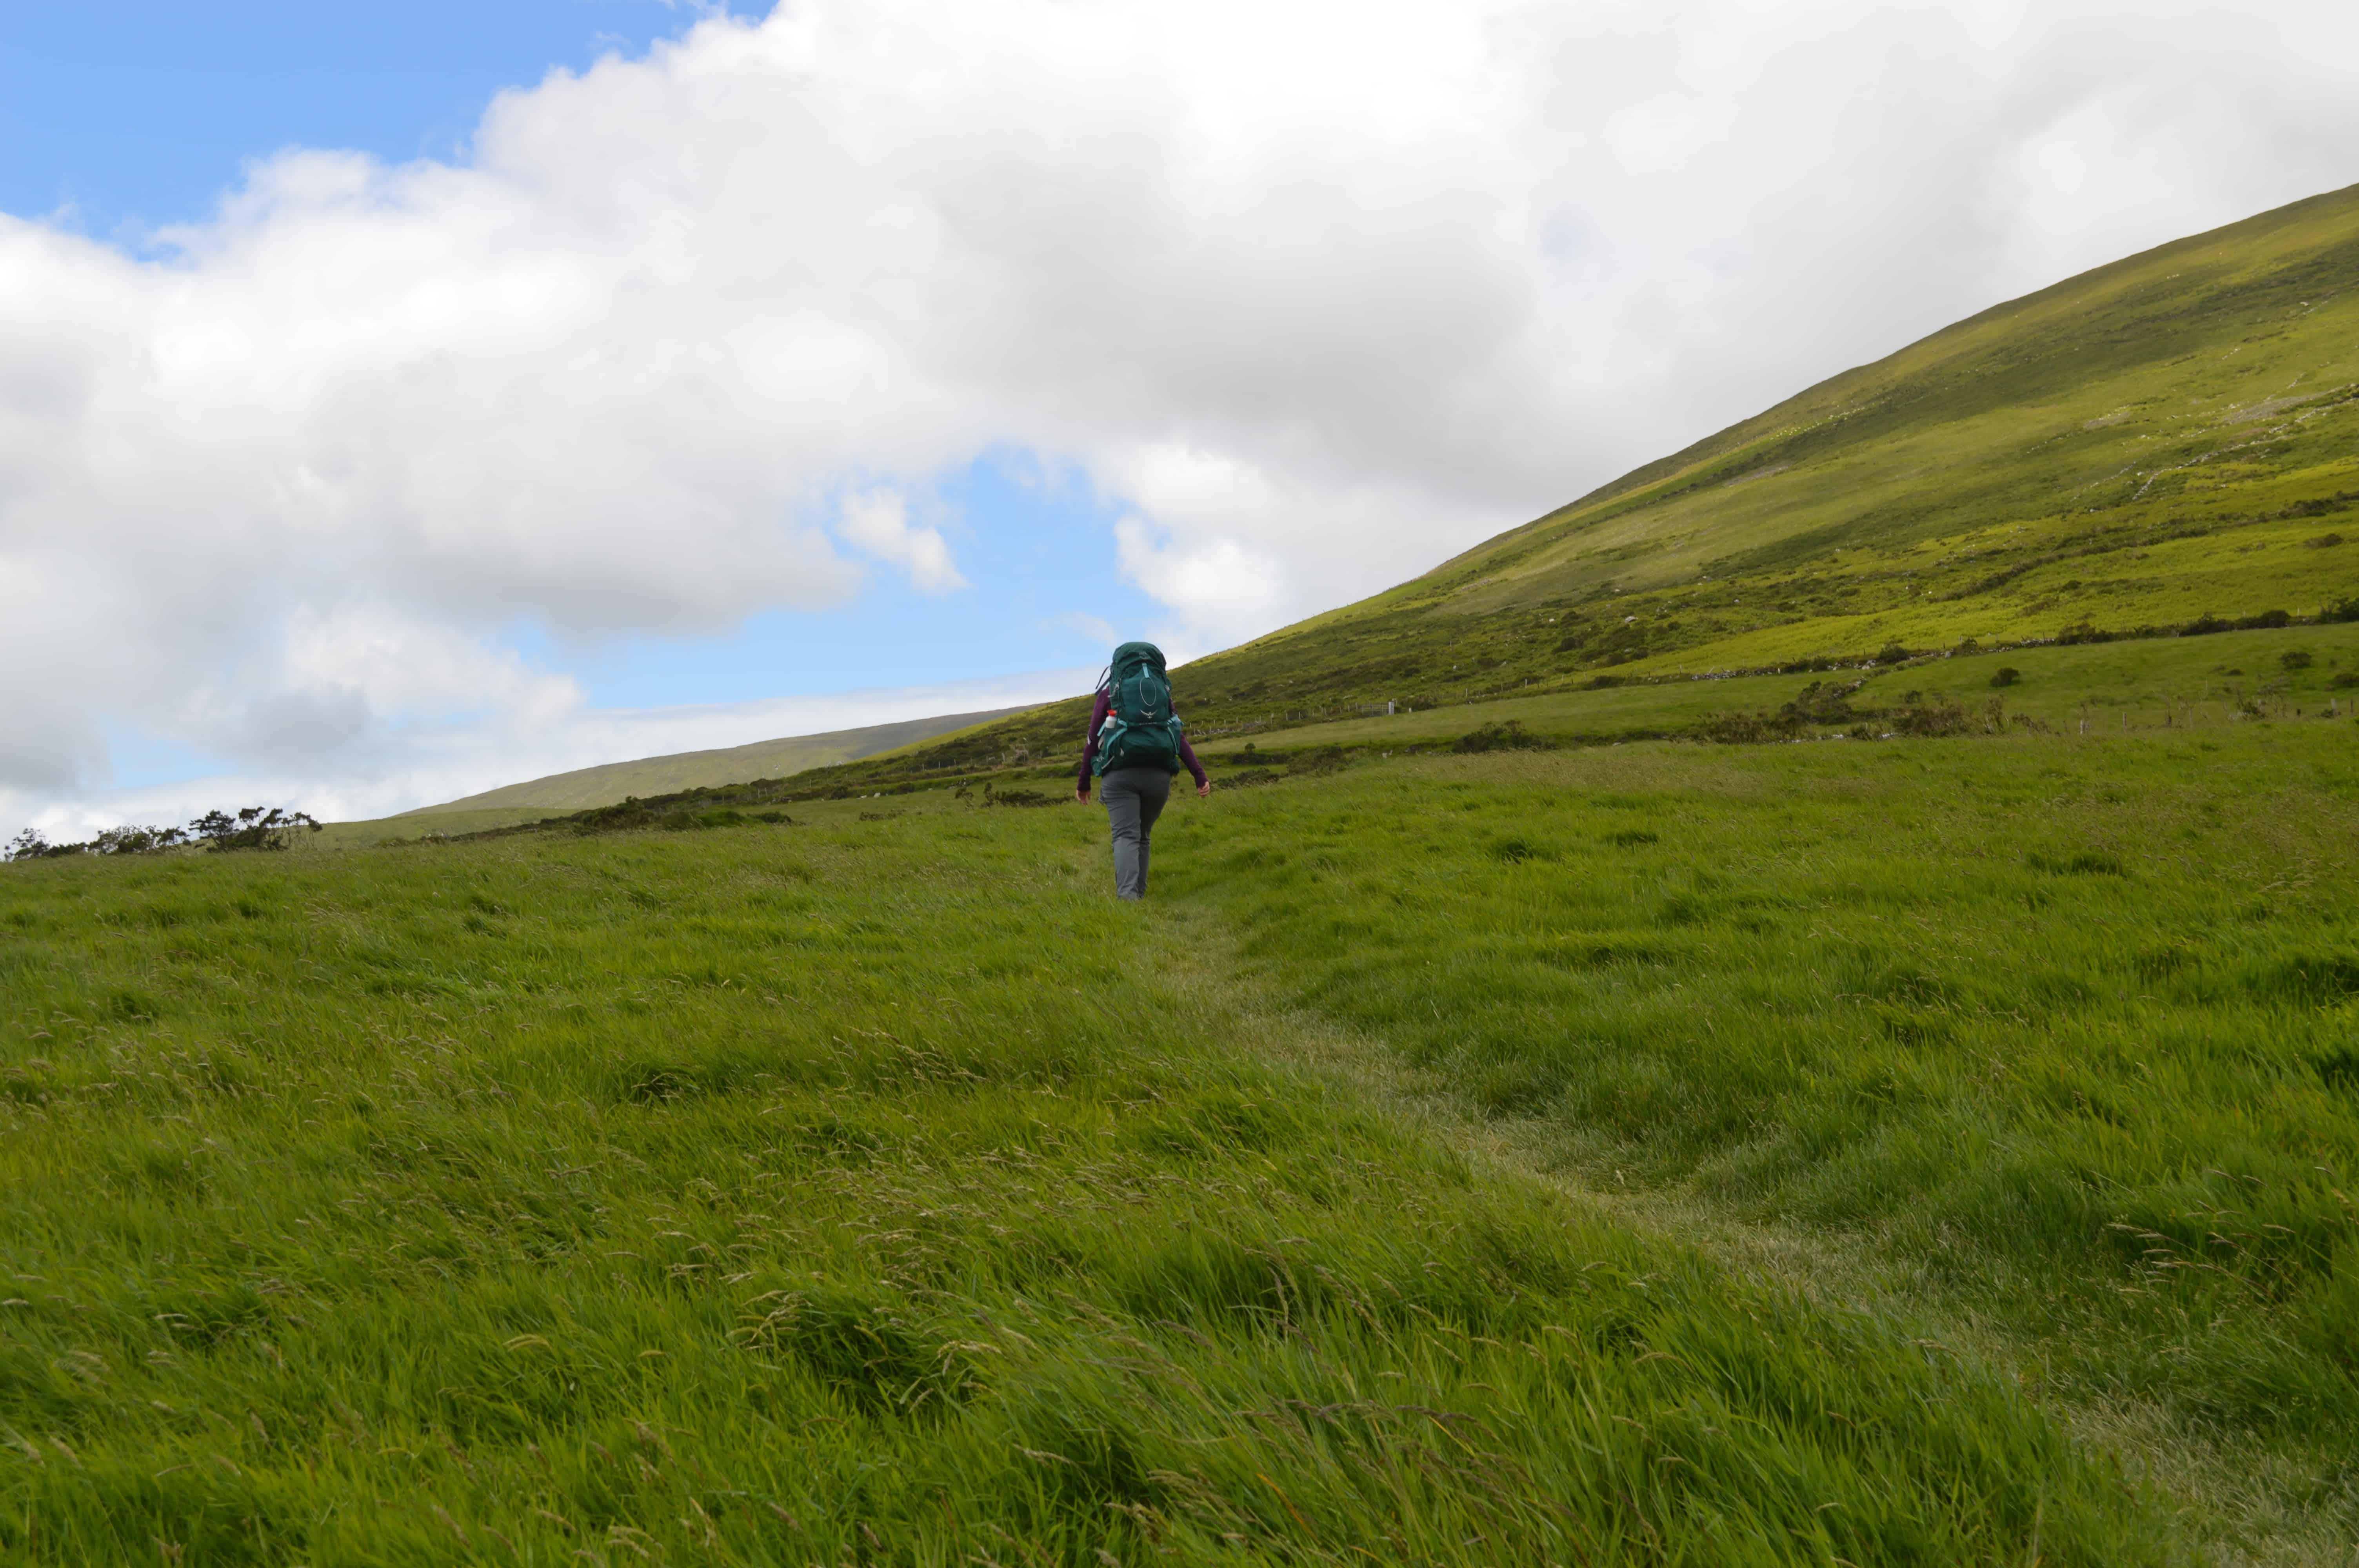 Wandelen door een veld - Dingleway - HappyHikers